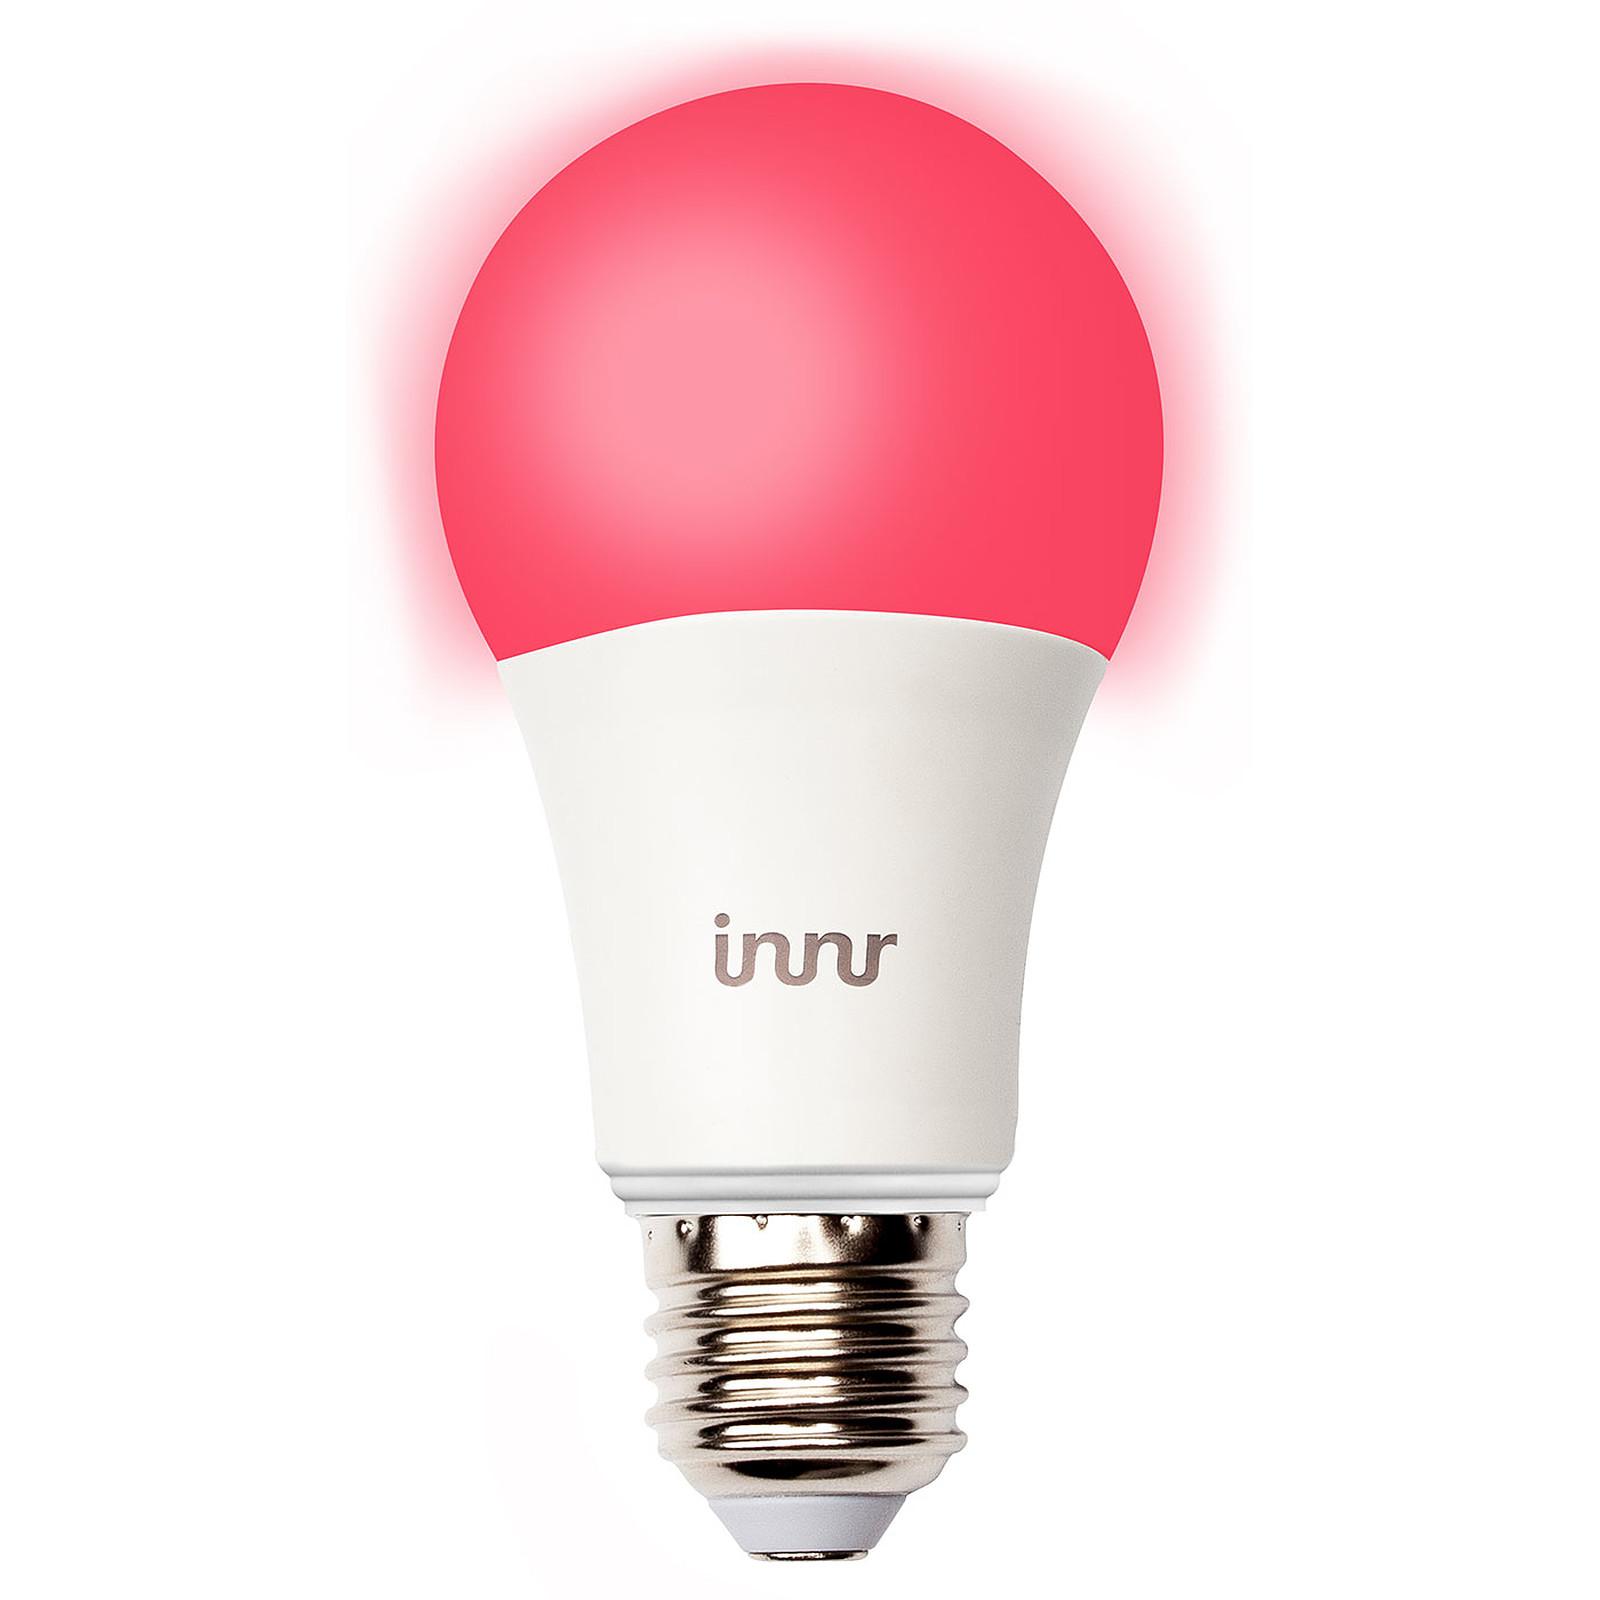 Innr Lightning Smart Bulb E27 - Blanc & Couleur